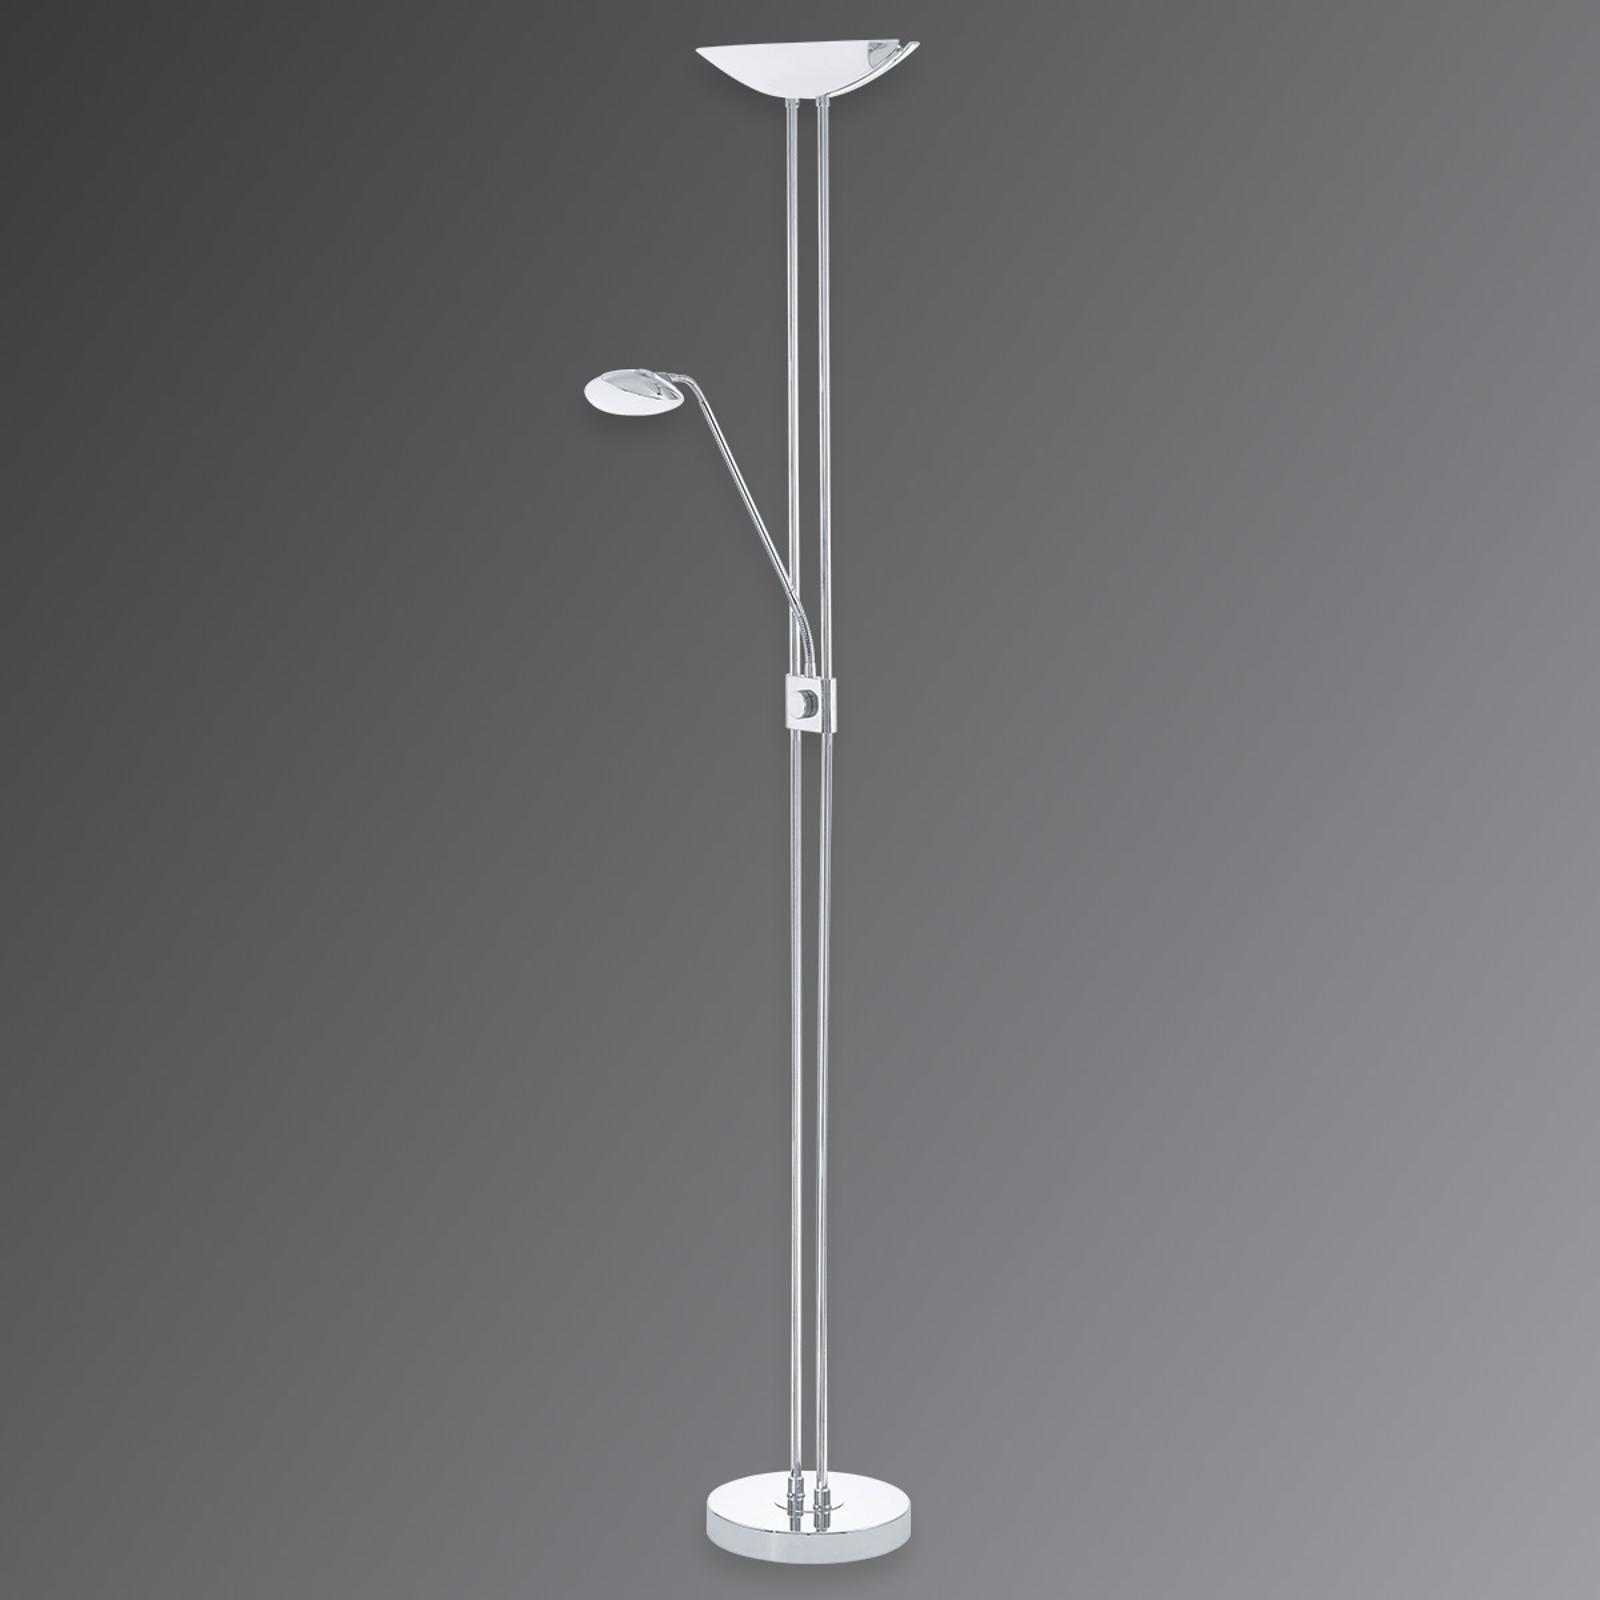 LED-Deckenfluter Baya mit Leselicht, verchromt